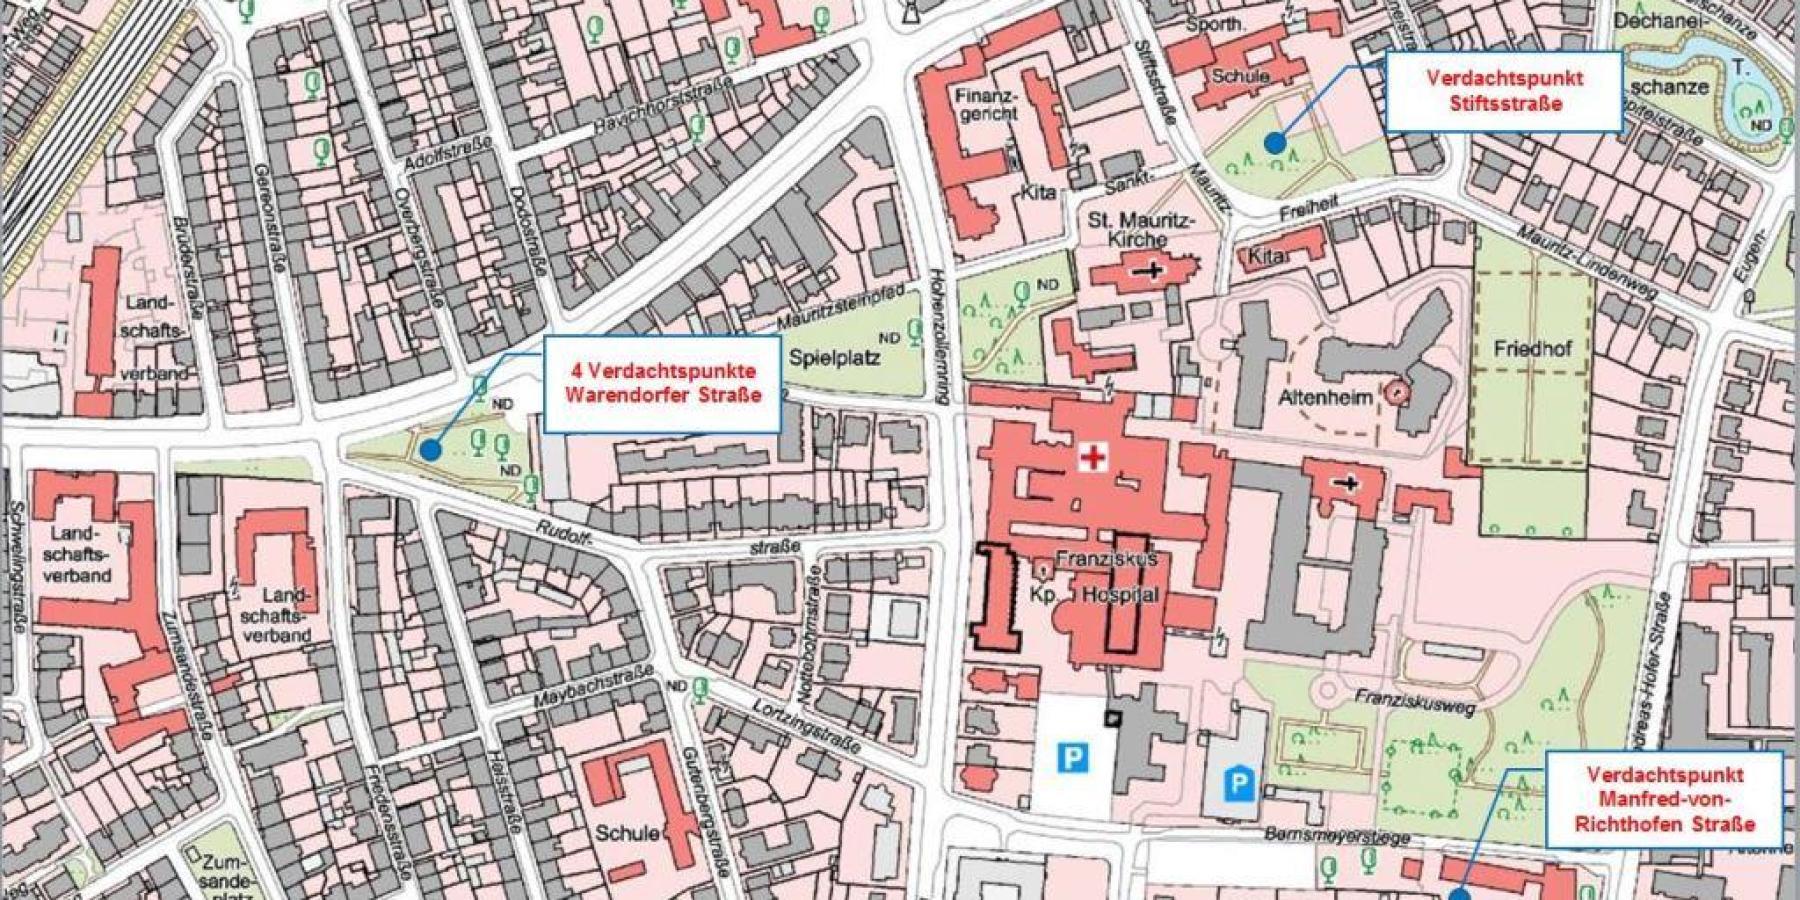 Stadt Münster bereitet Groß-Evakuierung vor